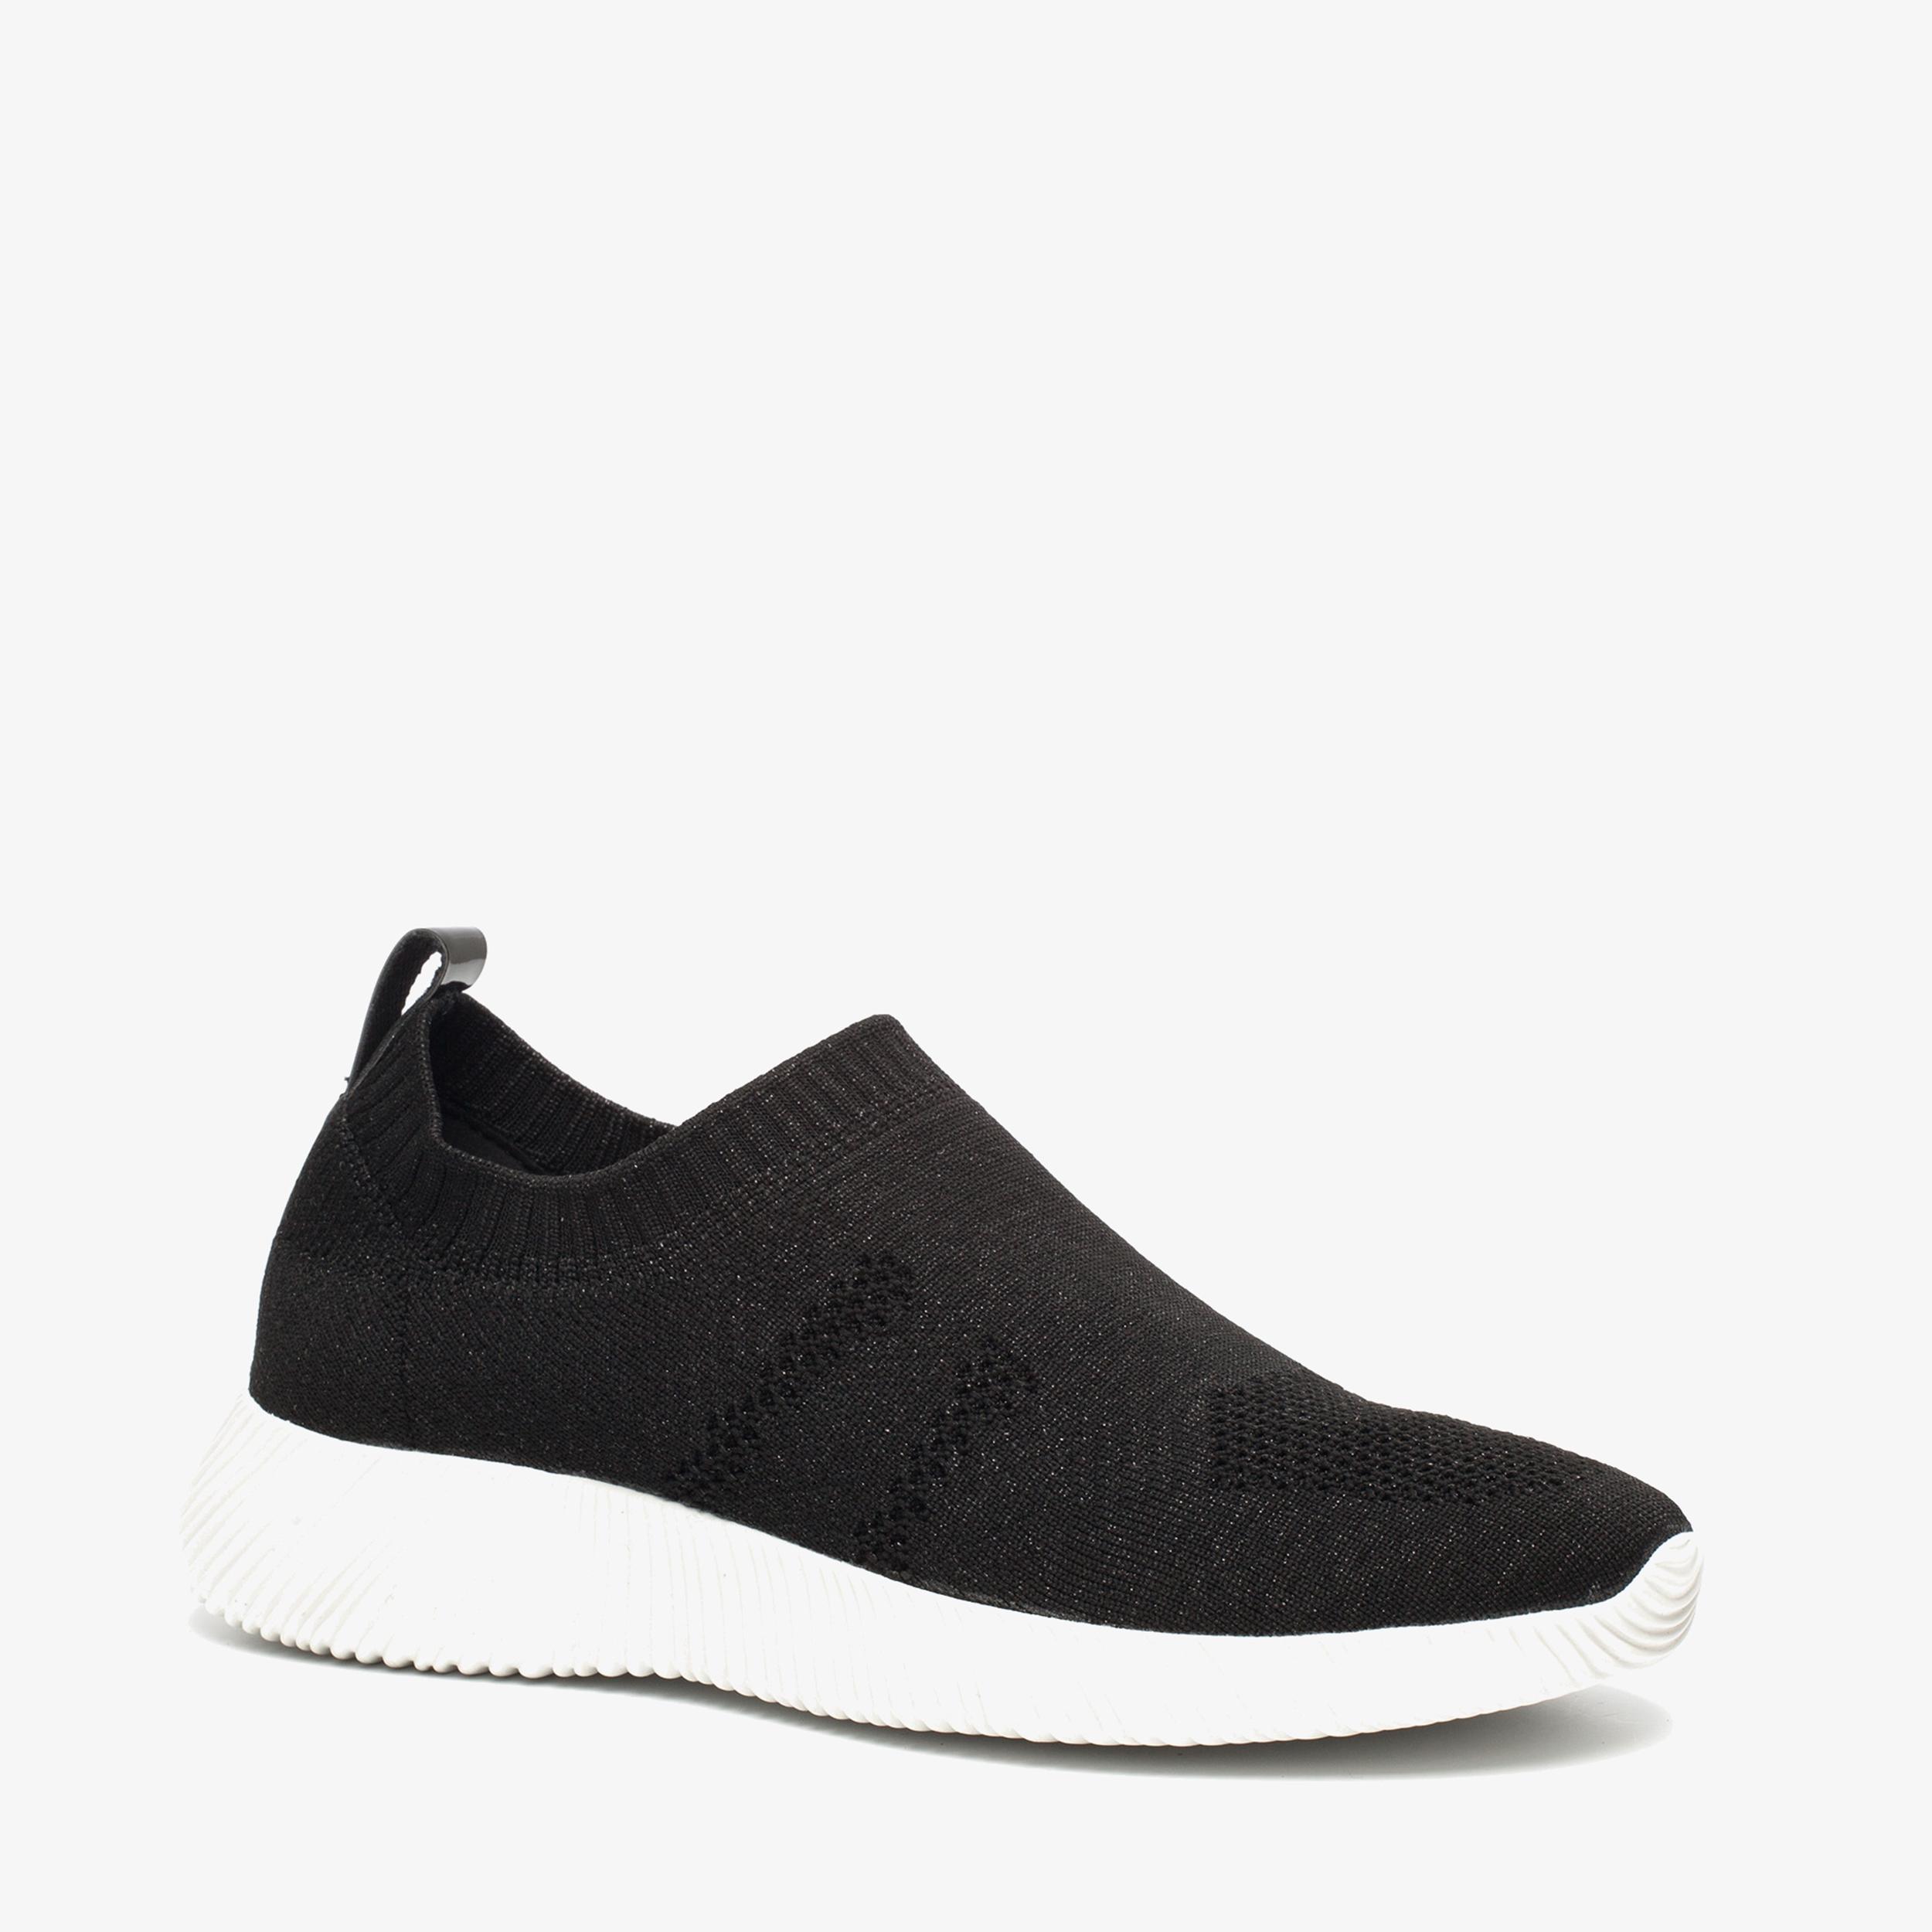 Chaussures Noires Scapino Avec Entrée Pour Dames QBuSB8